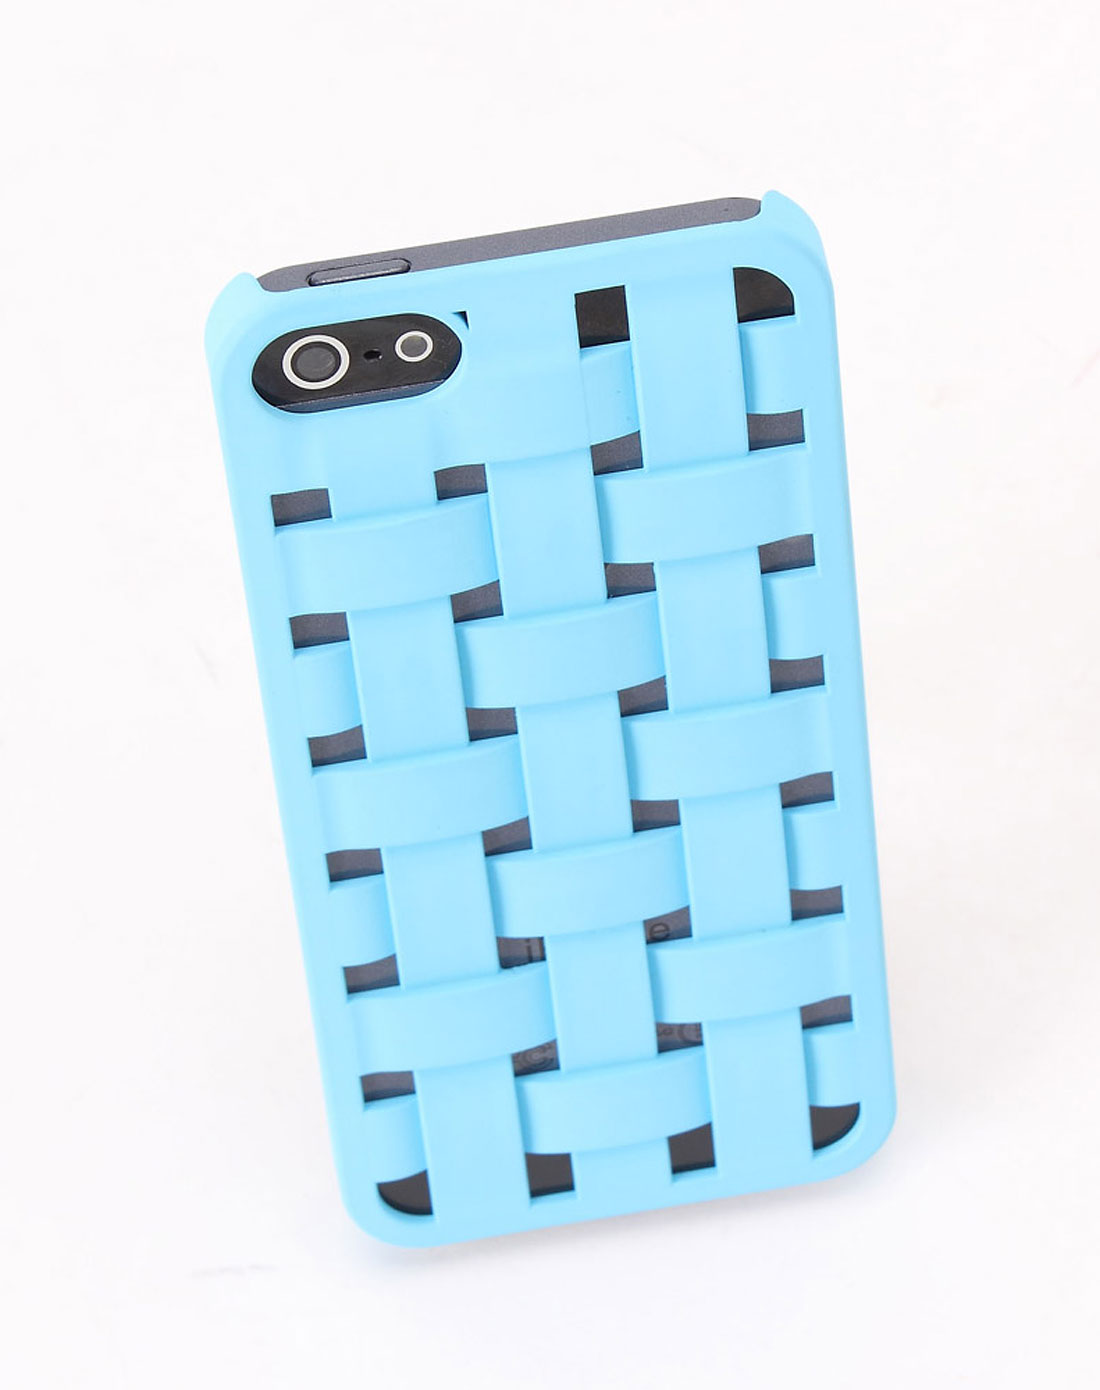 iqd 欧美设计 iphone5 编织纹手机保护壳 蓝色